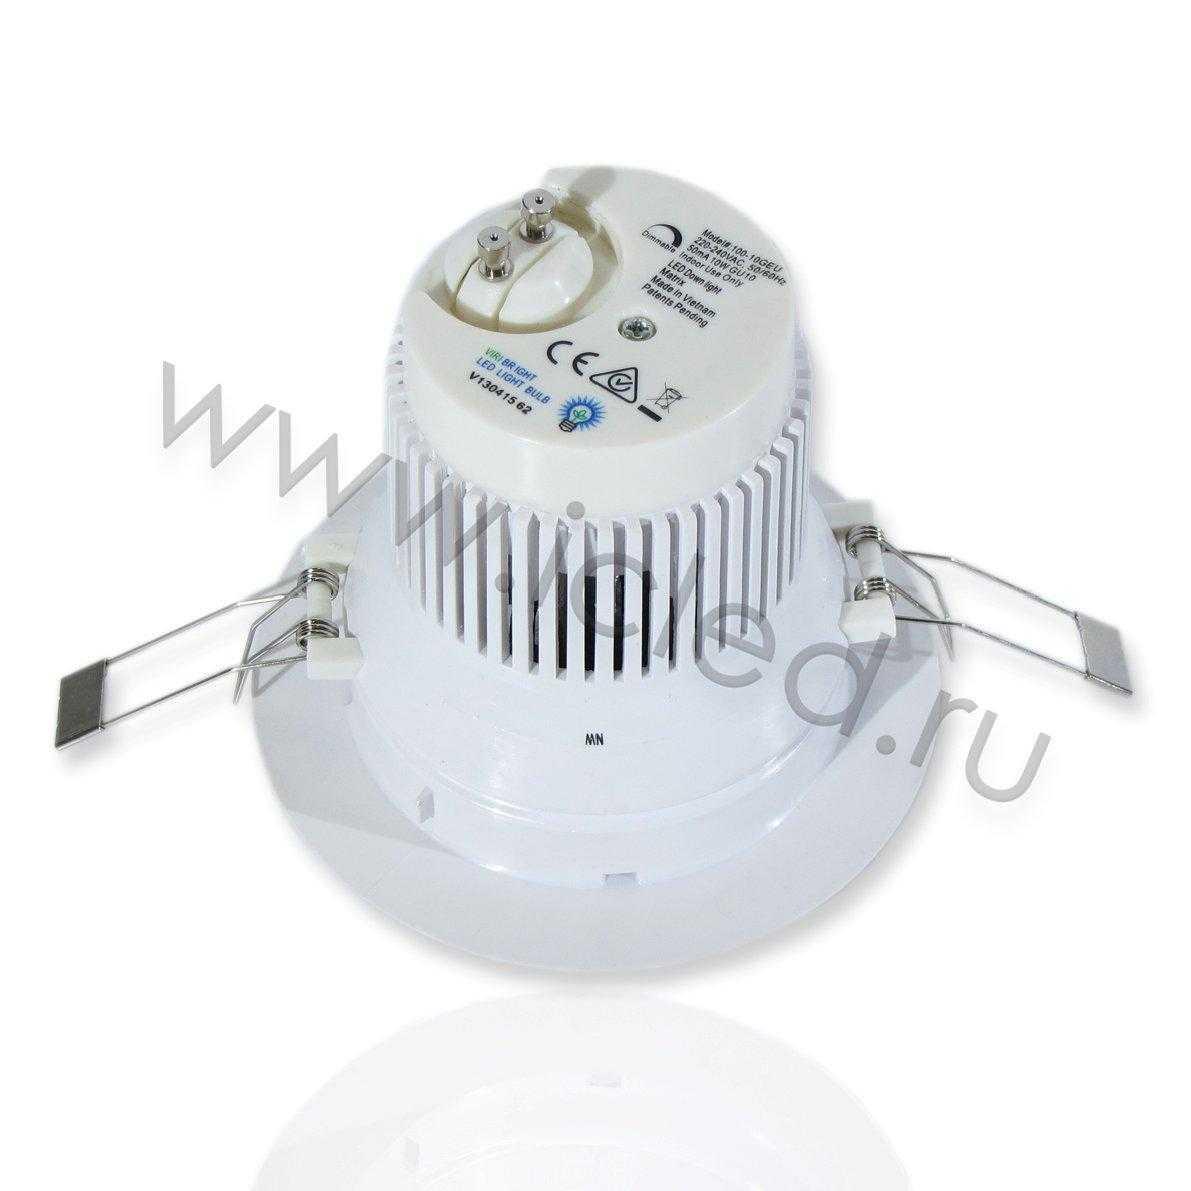 Светодиодный светильник потолочный MT-R (10W, Dimm Day White)